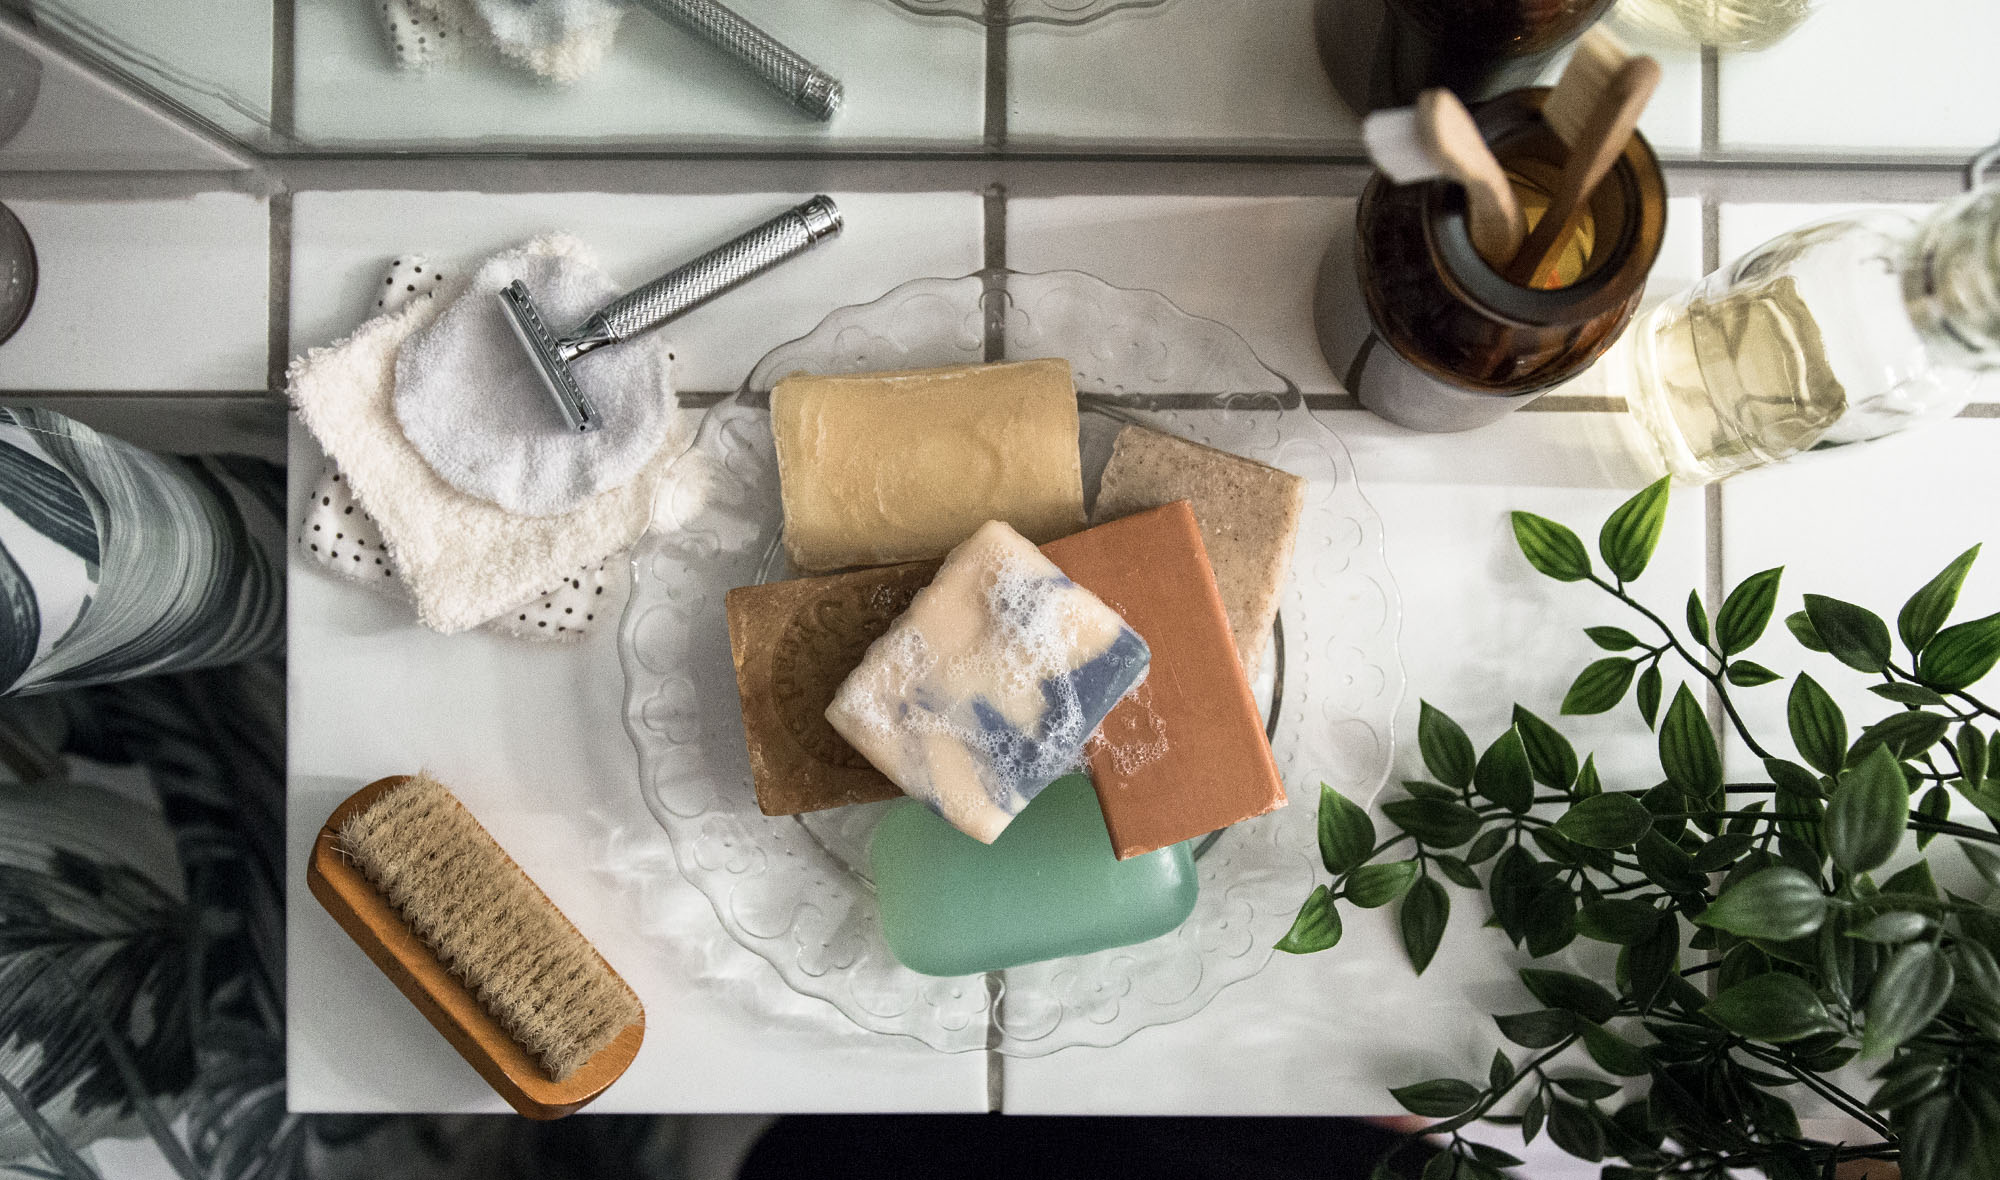 Einkaufsliste: Zero Waste im Badezimmer Teil 1